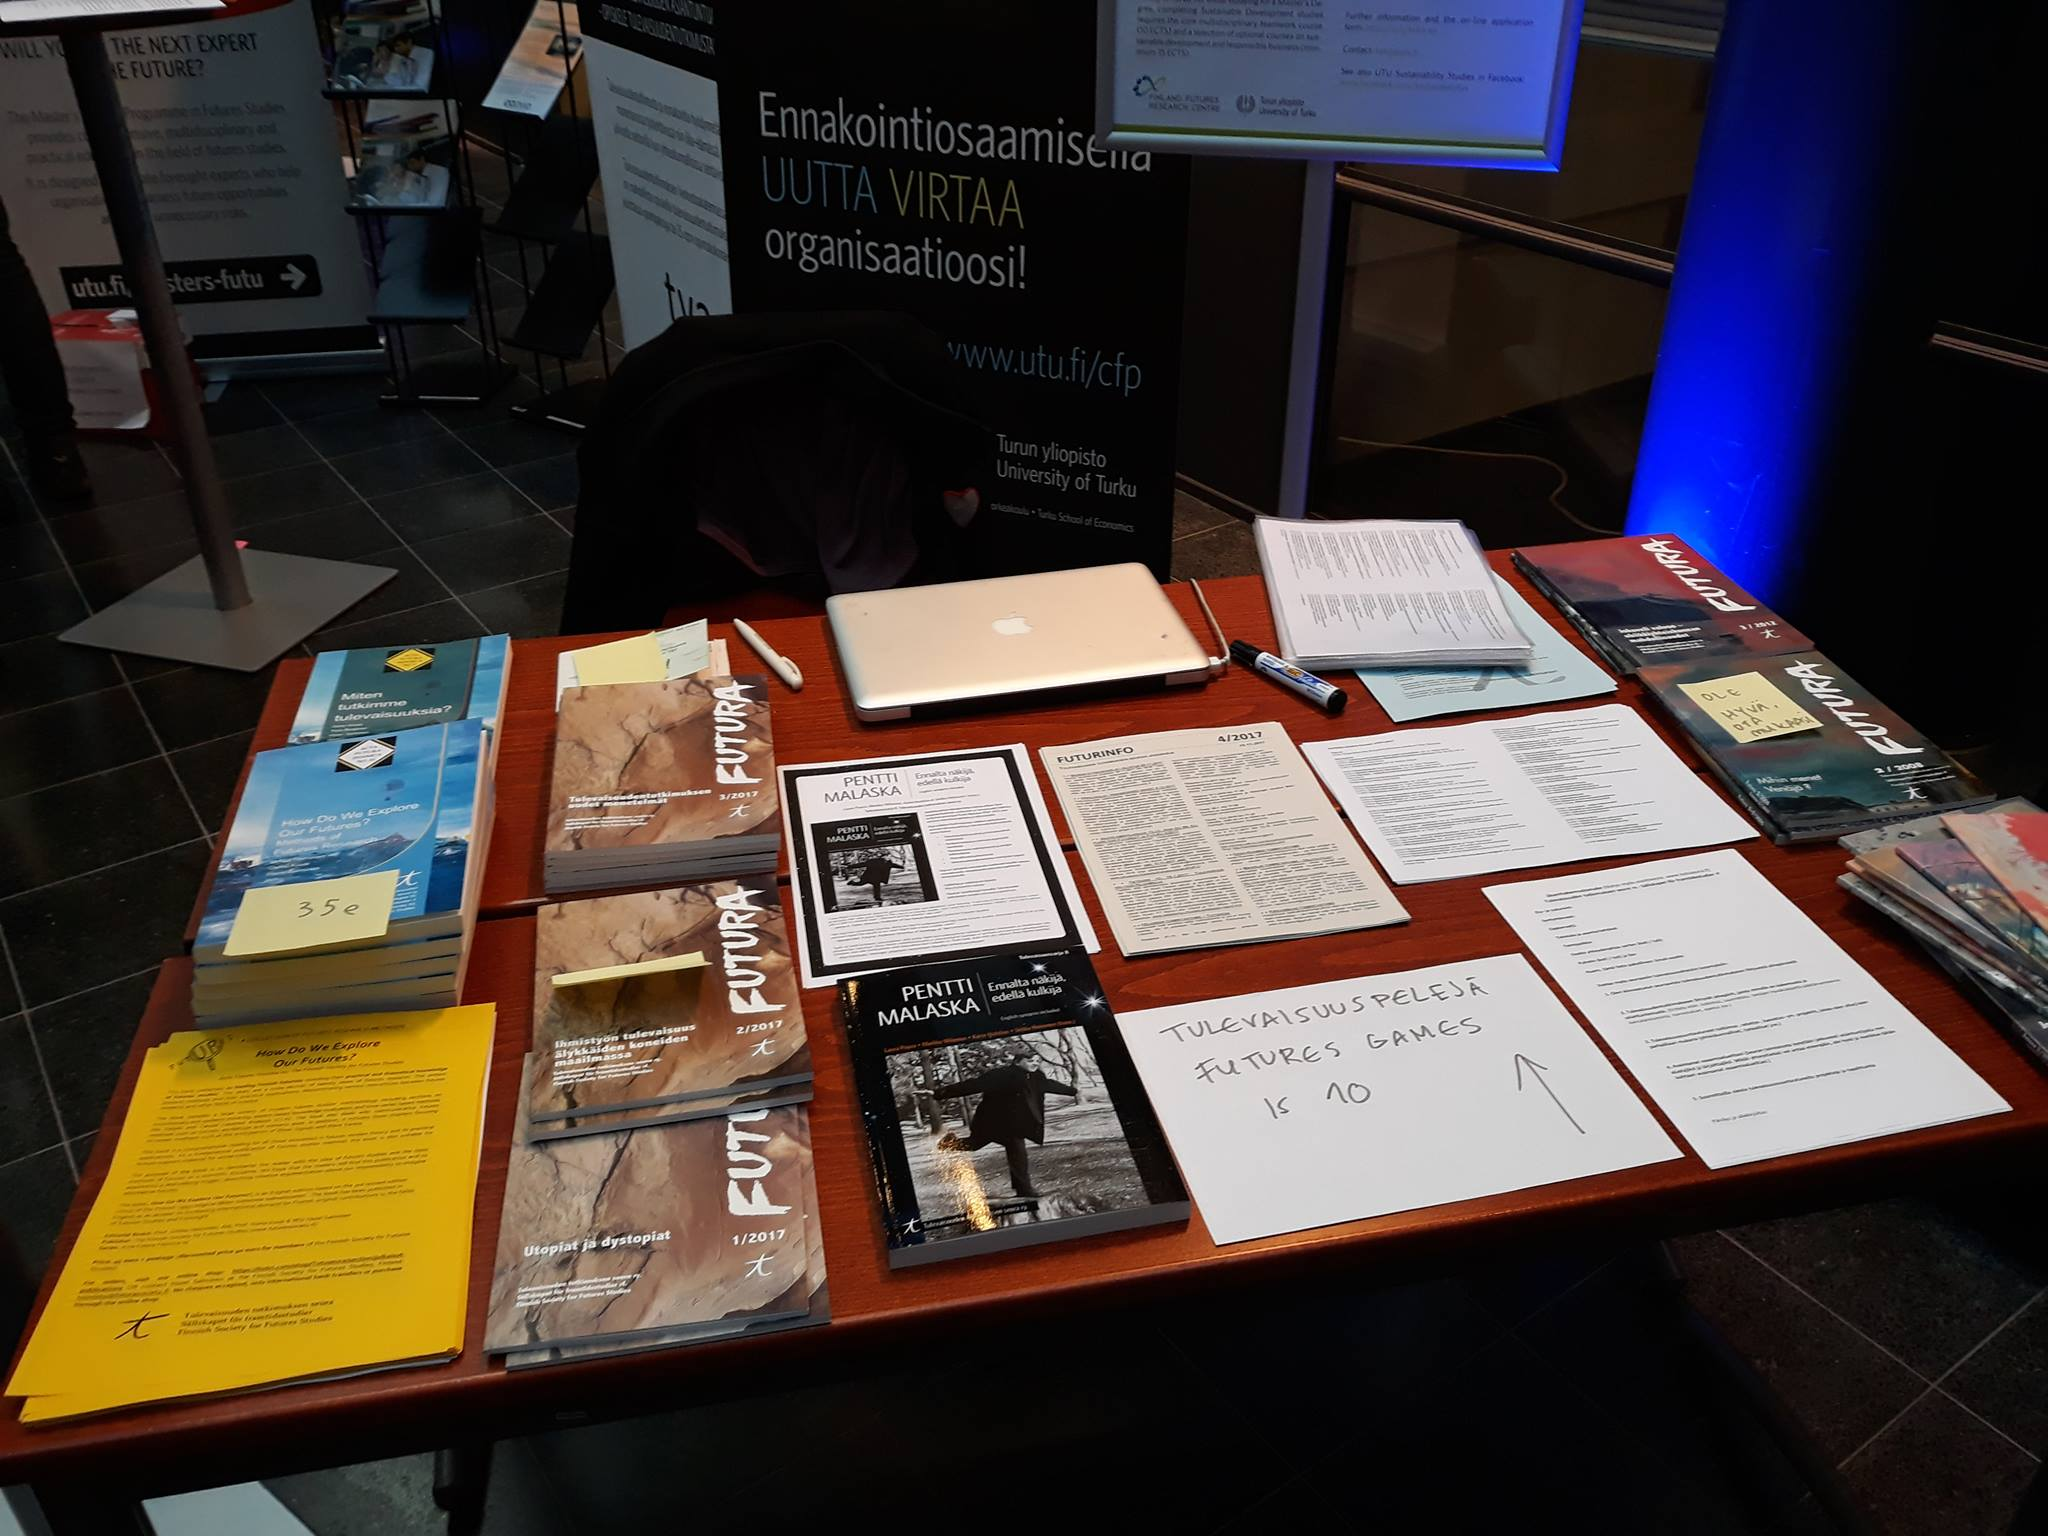 Pöydällä esillä Tulevaisuuden tutkimuskeskuksen julkaisuja Tulevaisuusmessuilla vuonna 2018.